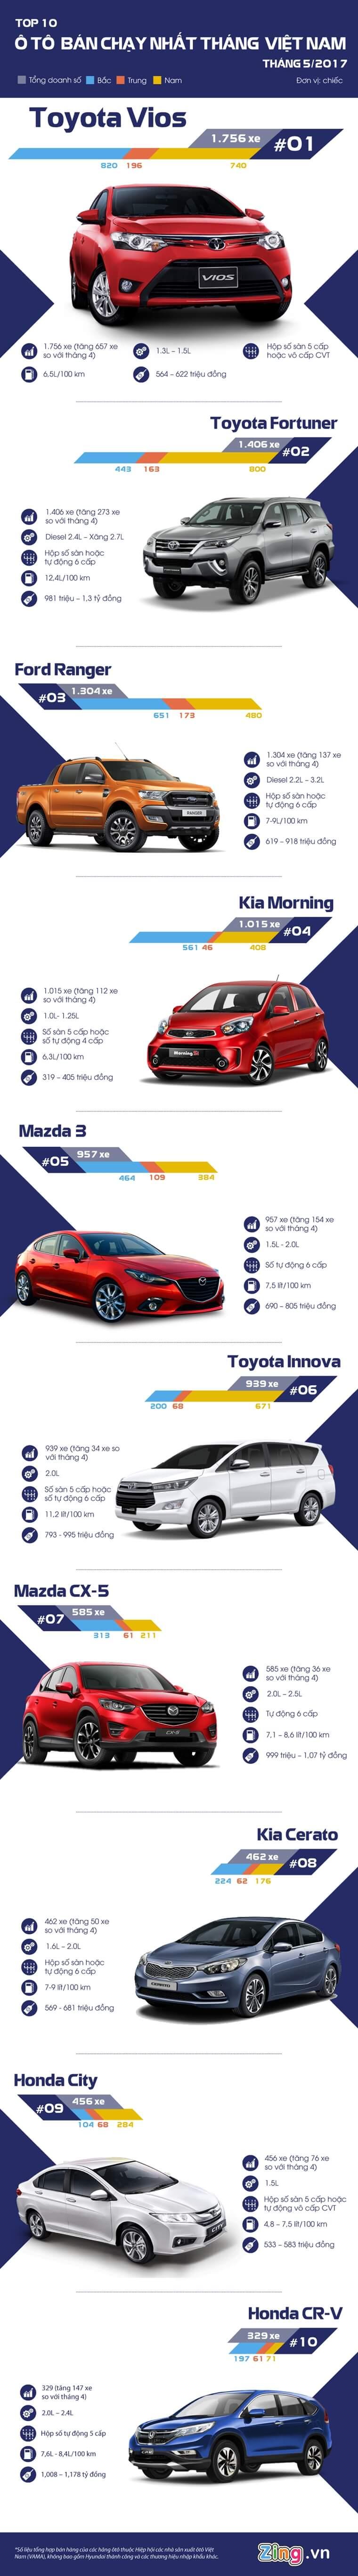 Top 10 xe ô tô bán chạy nhất tháng 5/2017